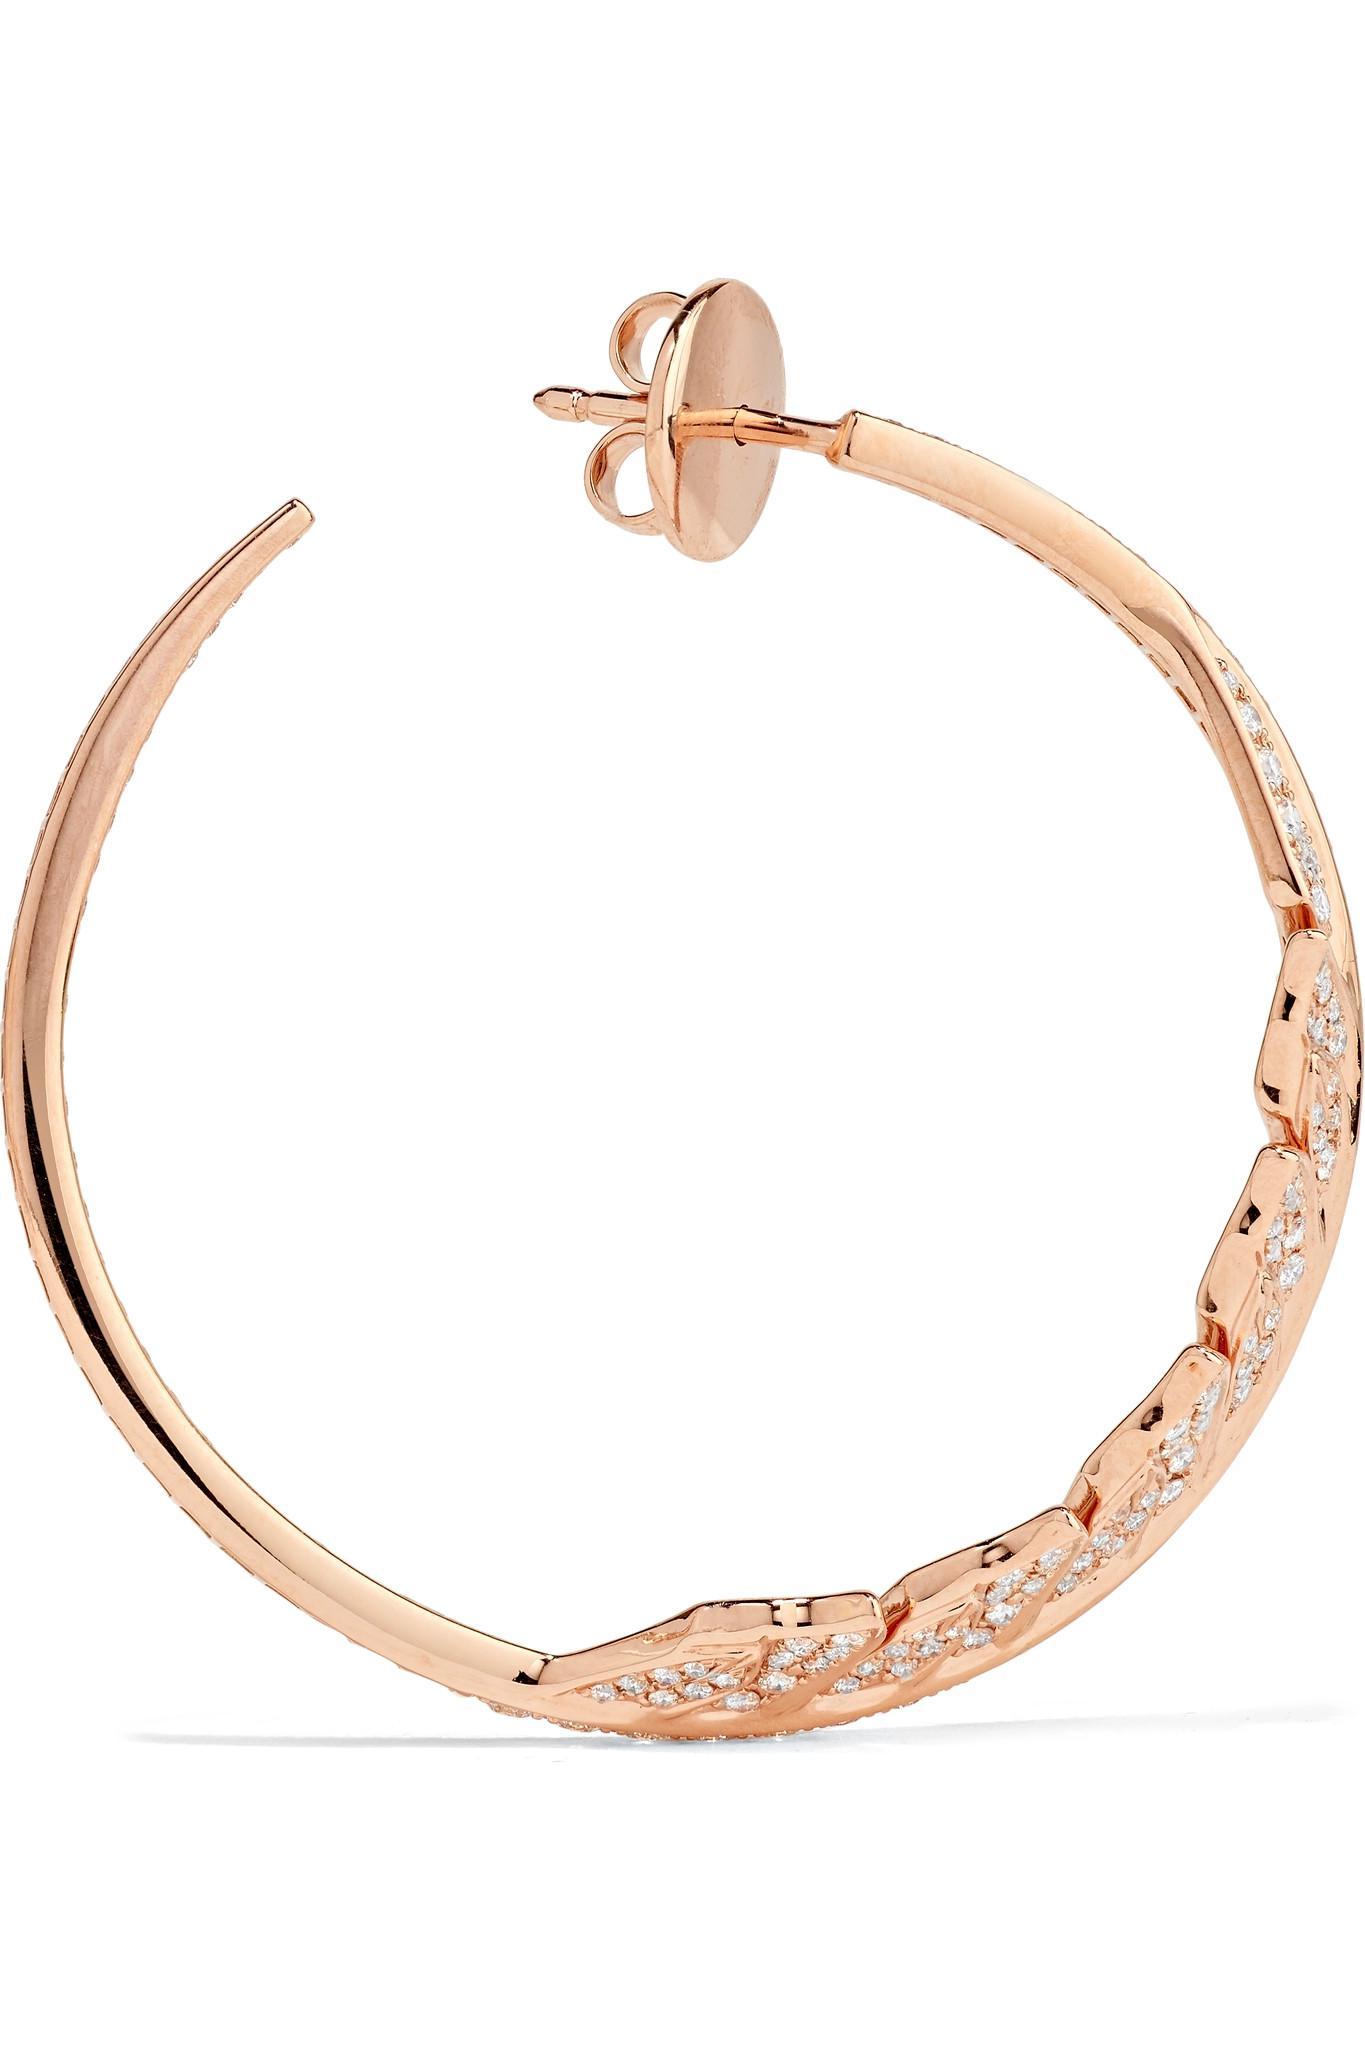 Stephen Webster Magnipheasant 18-karat Rose Gold Diamond Hoop Earrings bs9GUA8hN